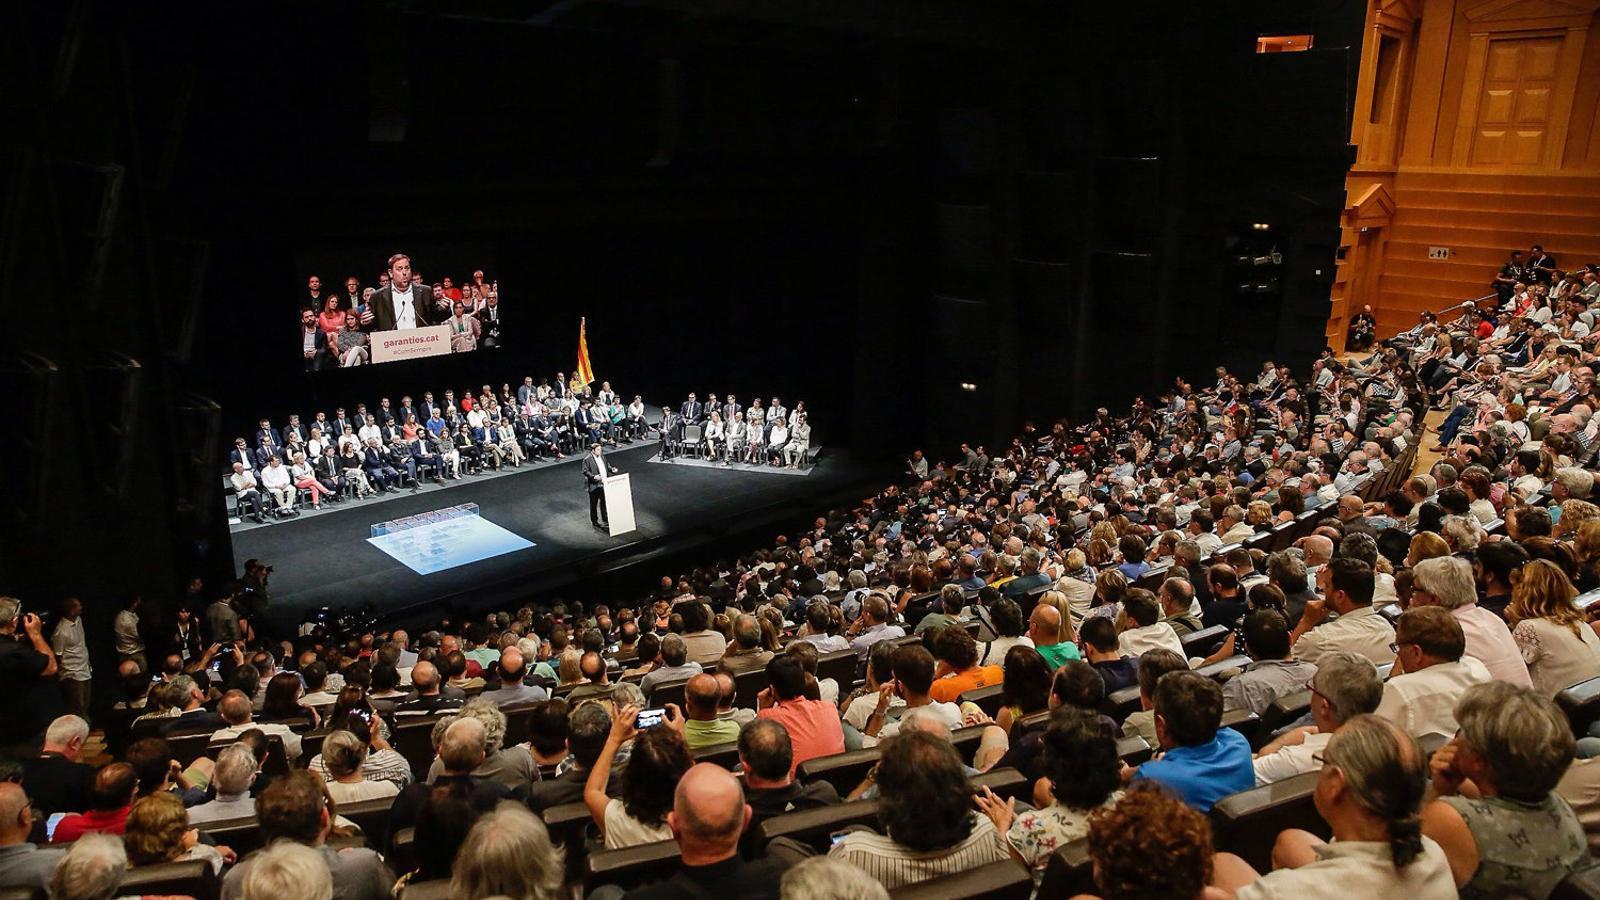 Un miler de persones van escoltar l'exposició de Puigdemont, Junqueras, Rovira i Turull. / PERE VIRGILI